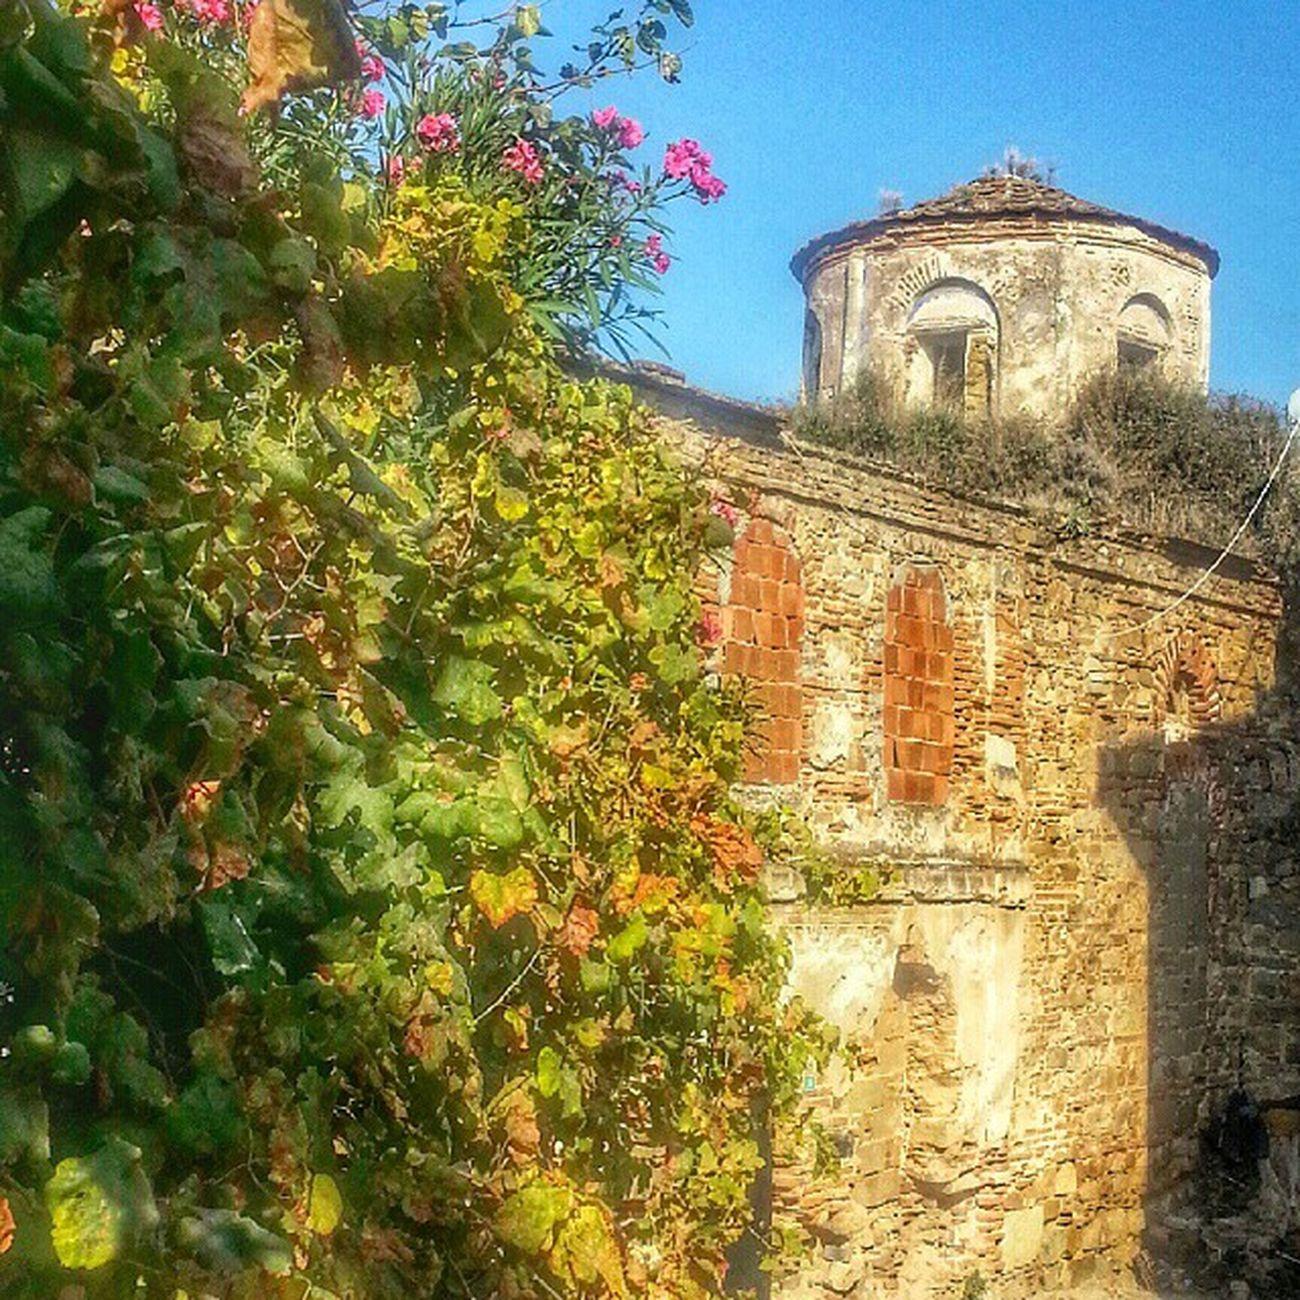 Trilye 'de pek cok Tarihi eser var.Bu da onlardan biri Kemerli Kilise adi ile bilinen Panagia Pantobasillissa (Bakire Meryem). Yapinin kubbe ve can kulesi 1885 deki buyuk depremde yikilmis,daha sonra onarilmissa da ozgun niteligini kaybetmis.Sutunlari Iskenderiye'den getirilen yapi dunyada duvarlarina Resim yapilan ILK kilise oldugu belirtiliyor. Bu arada muthis bir manzarasi var ve Trilyede'ki diger Tarihi yapilar gibi metruk durumda!Bursa metropolitligine satilmis ve restore edilip ibadete acilacagi yazilmis bir gazetede... Türkiye Turkishfollowers Instaturk Instagramturkey Historical Arthistory Mimari Architecture Travel Seyahat Ig_turkey Instago